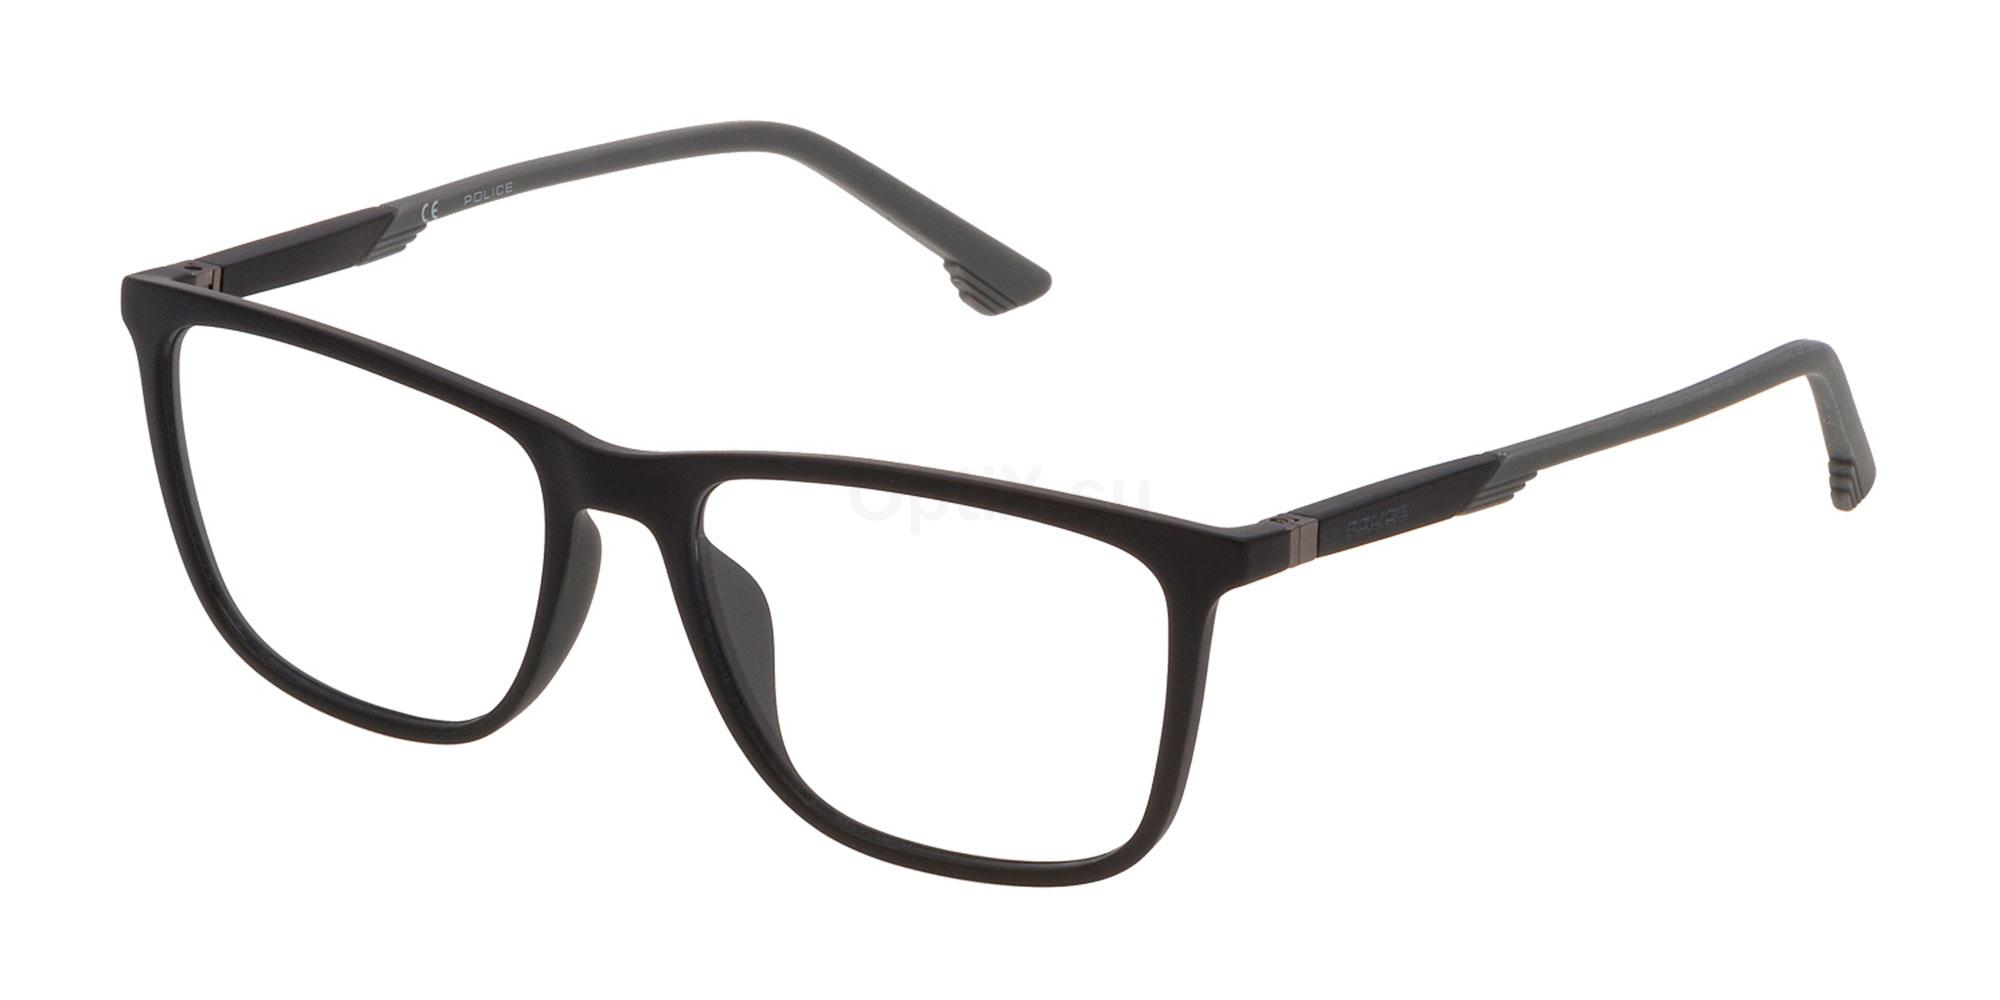 0U28 VPL699 Glasses, Police